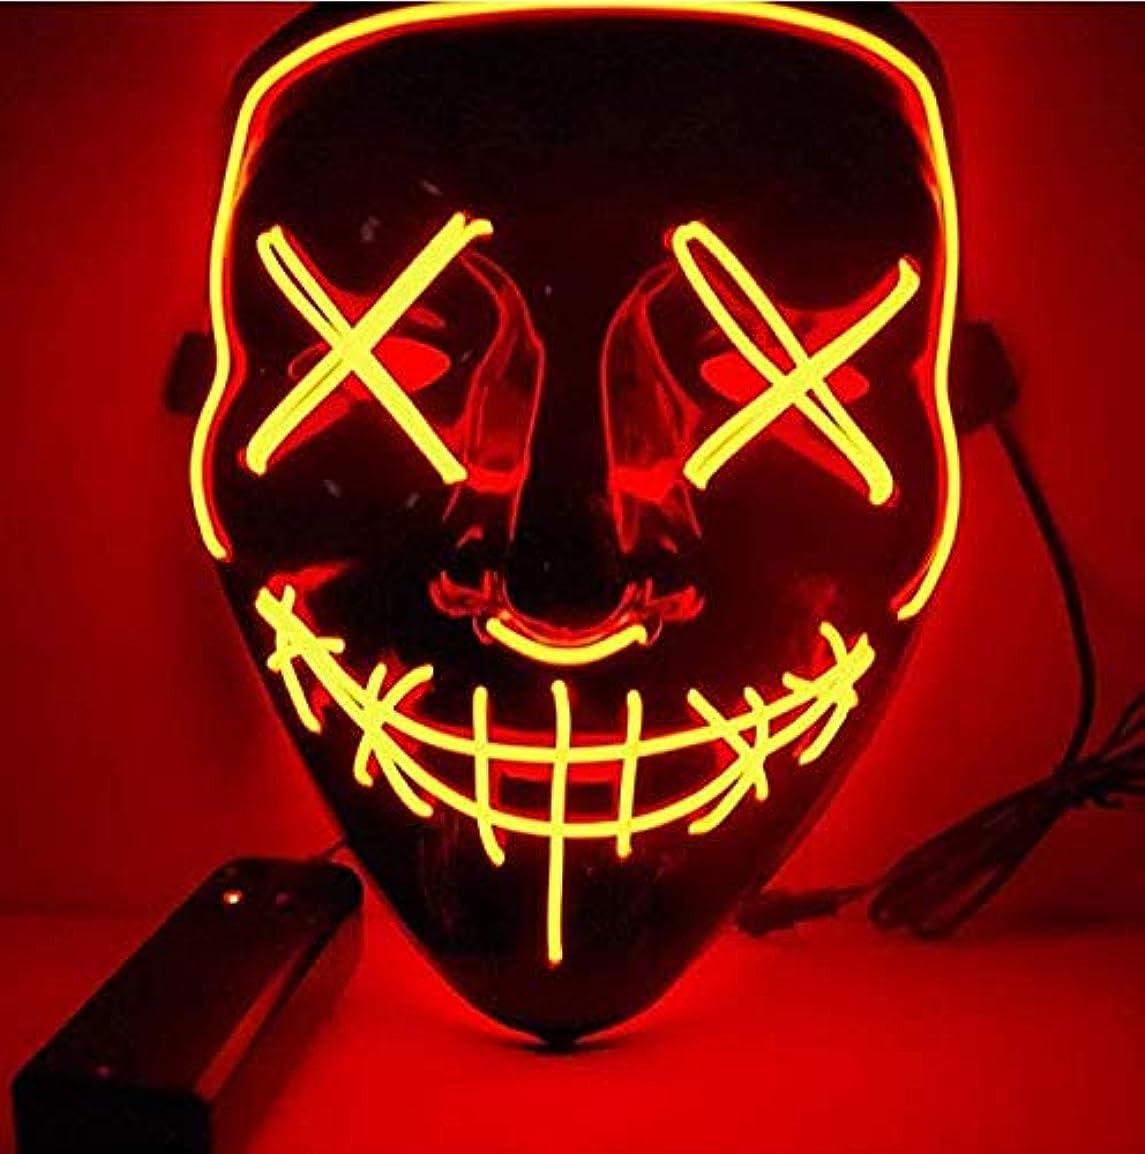 乱れ期待するバイオリニストハロウィンマスクLEDライトアップパーティーマスクコスプレコスチュームサプライ暗闇で光る (Color : YELLOW)